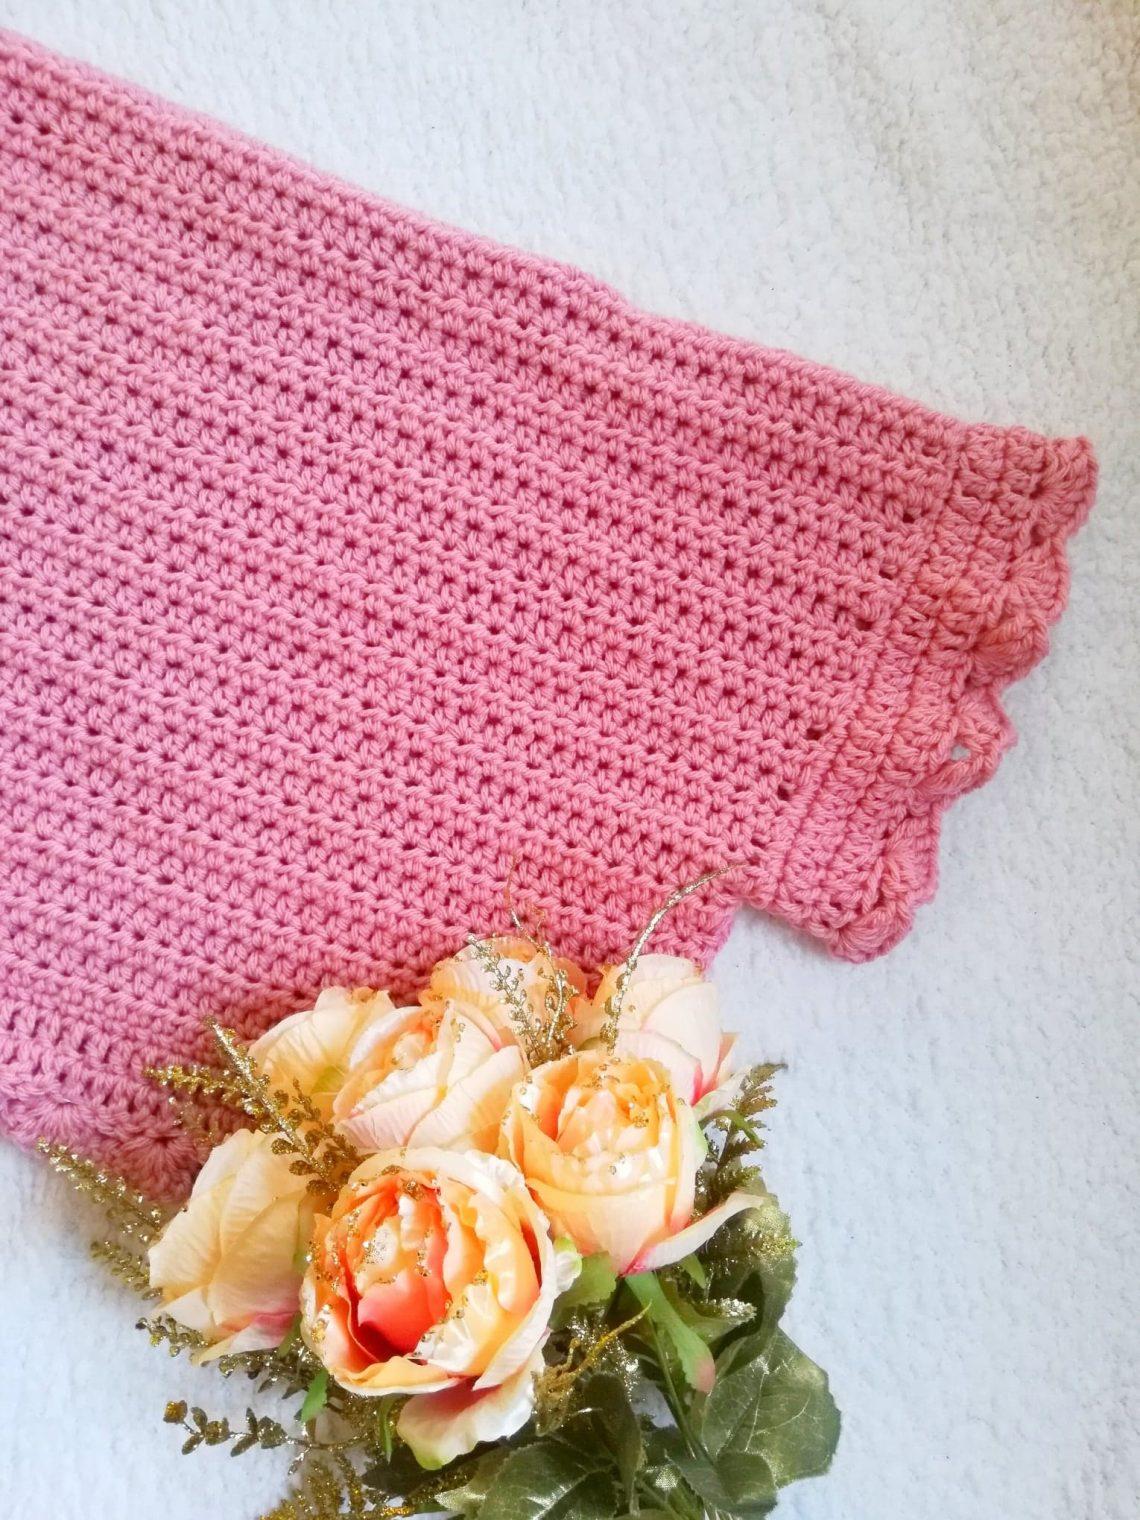 Crochet The Beautiful Rose Cardigan